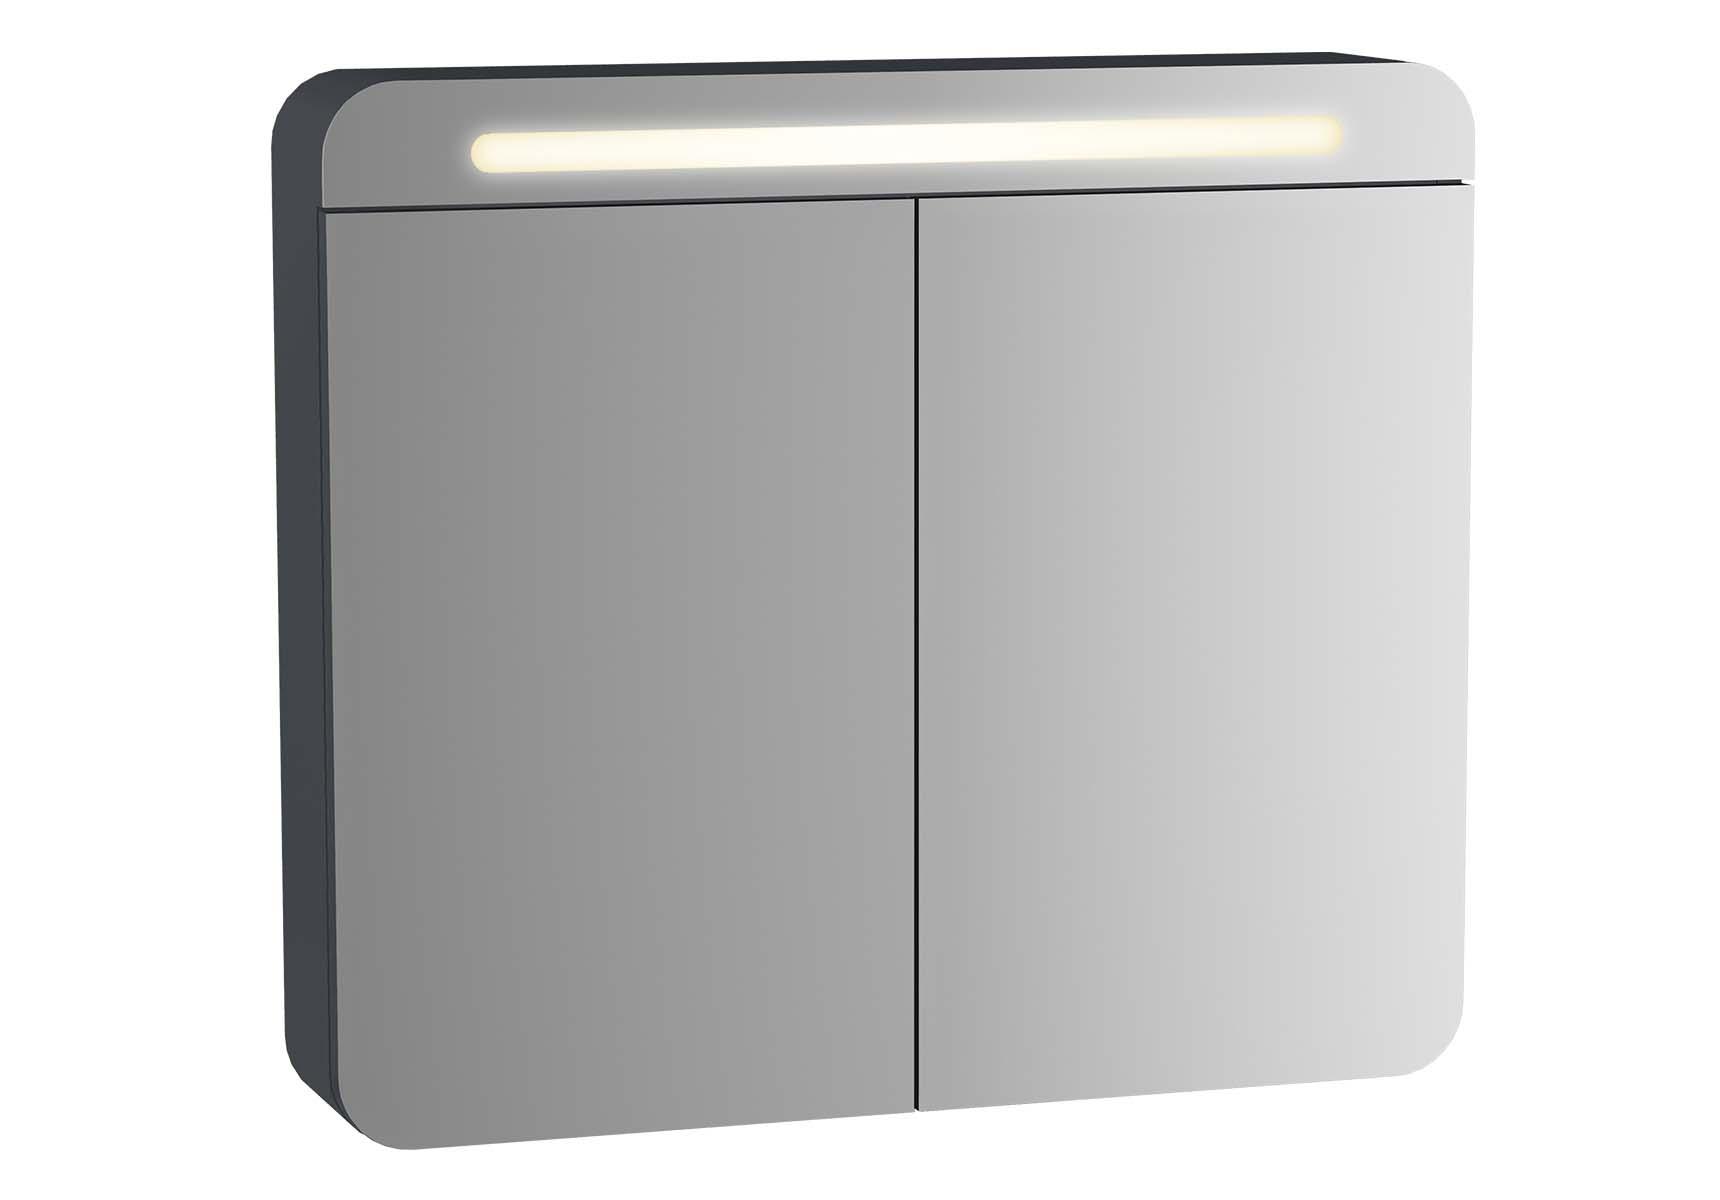 Sento Illuminated Mirror Cabinet, 60 cm, Matte Anthracite, left